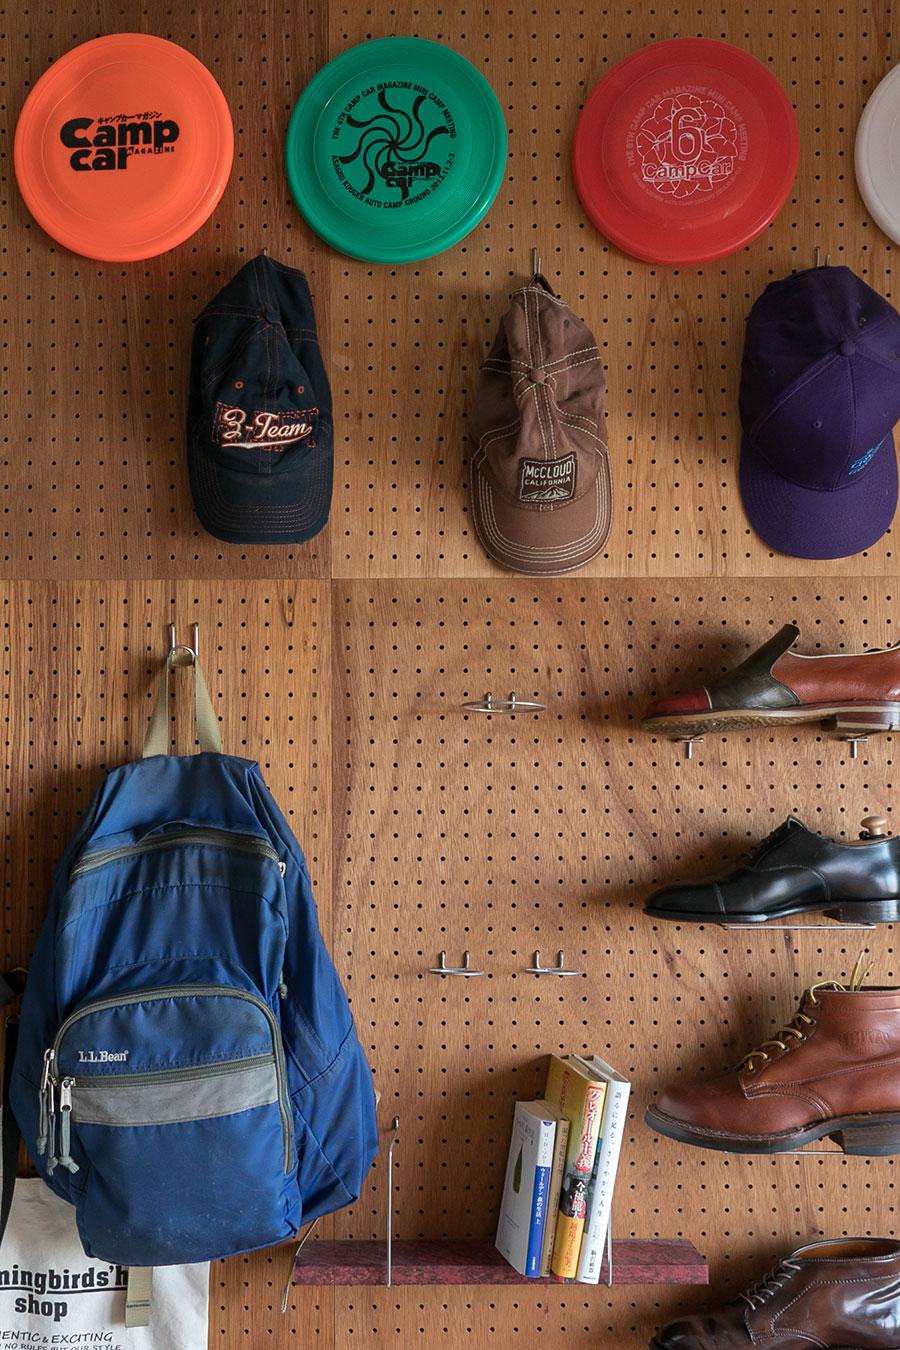 Tさんの部屋の壁には、有孔ボードを設け見せる収納にした。旅先で購入した帽子などが飾られている。